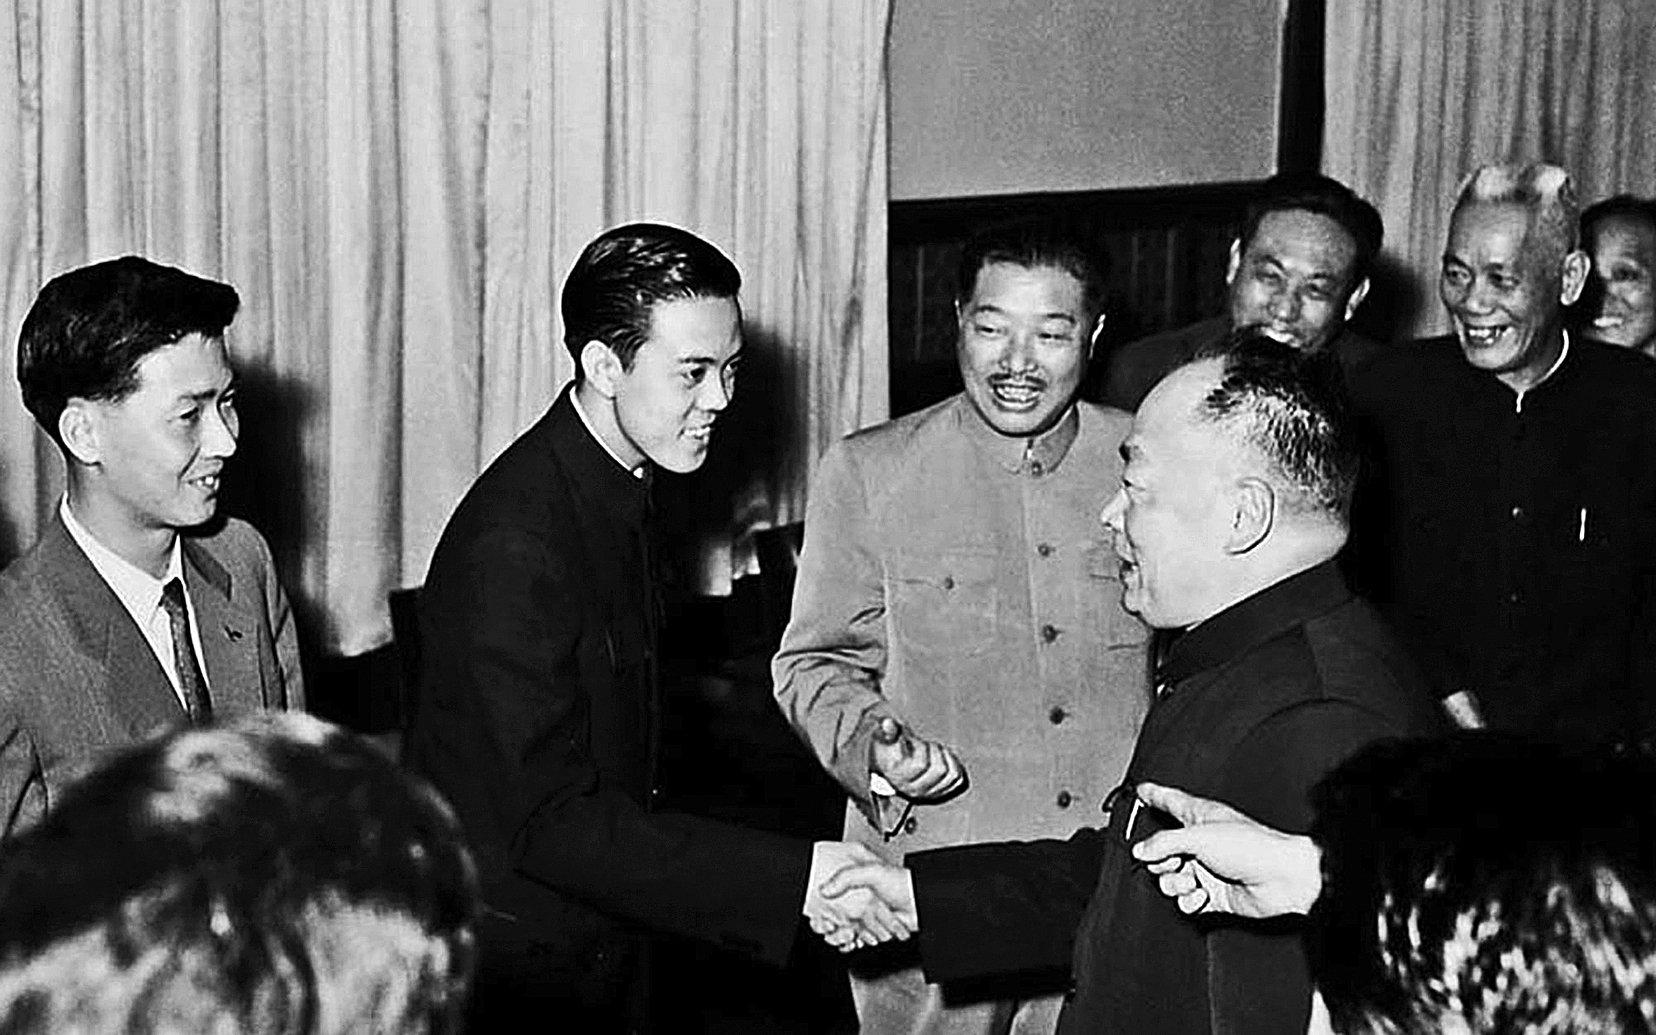 1959年4月,容國團為中國奪下了第一個乒乓球男子單打世界冠軍,成為中國體育史上的第一個世界冠軍。圖為容國團載譽歸國受到國務院副總理陳毅(前)的接見。(網絡圖片)